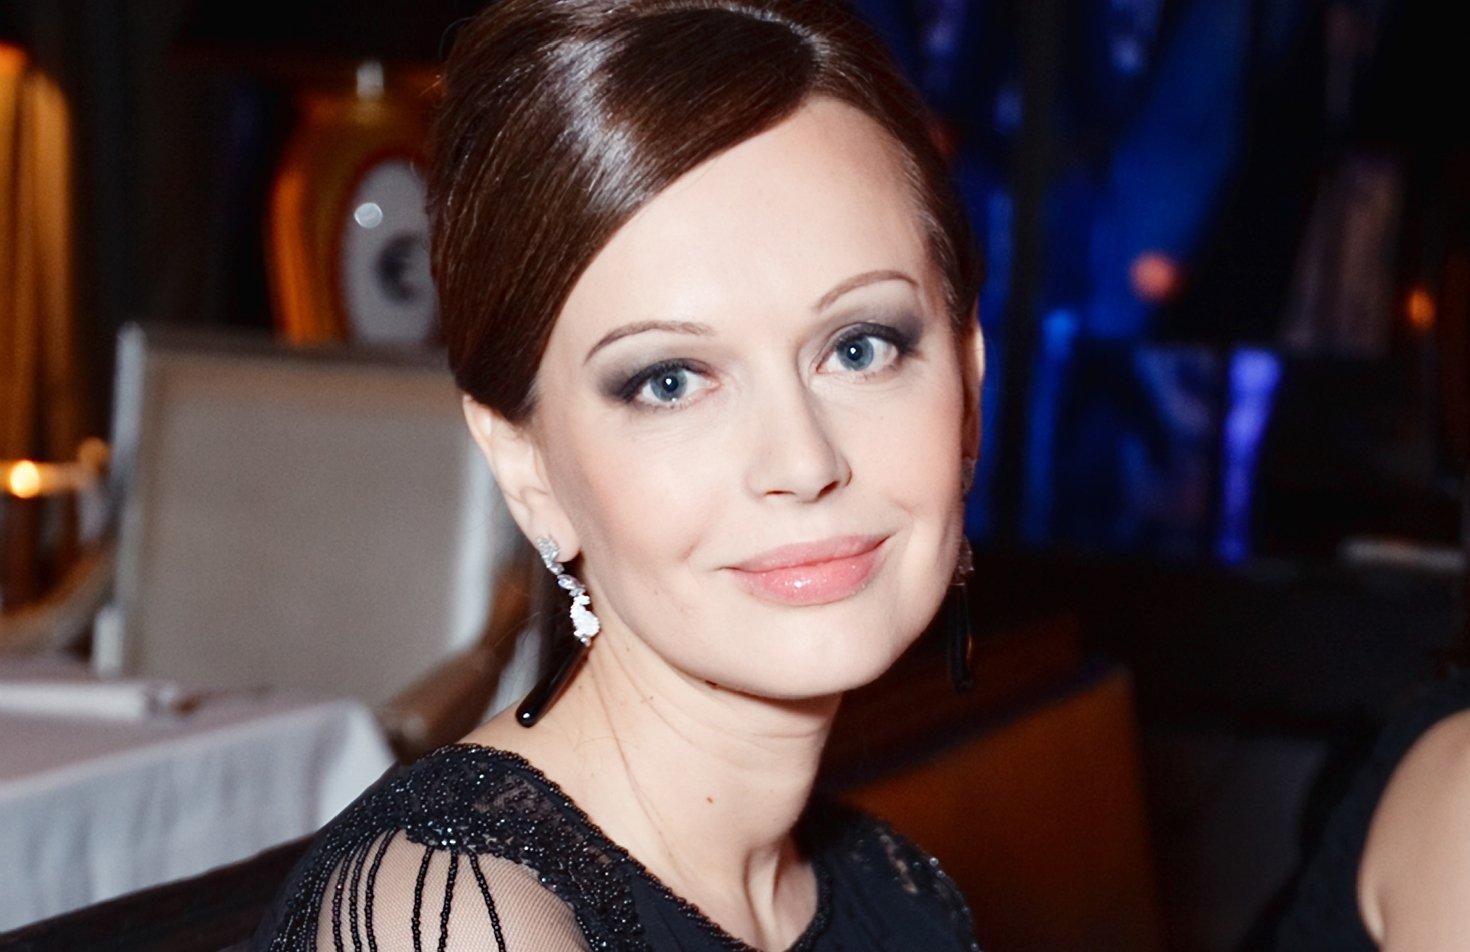 Ирина Безрукова выбрала скромный наряд для красной дорожки ММКФ